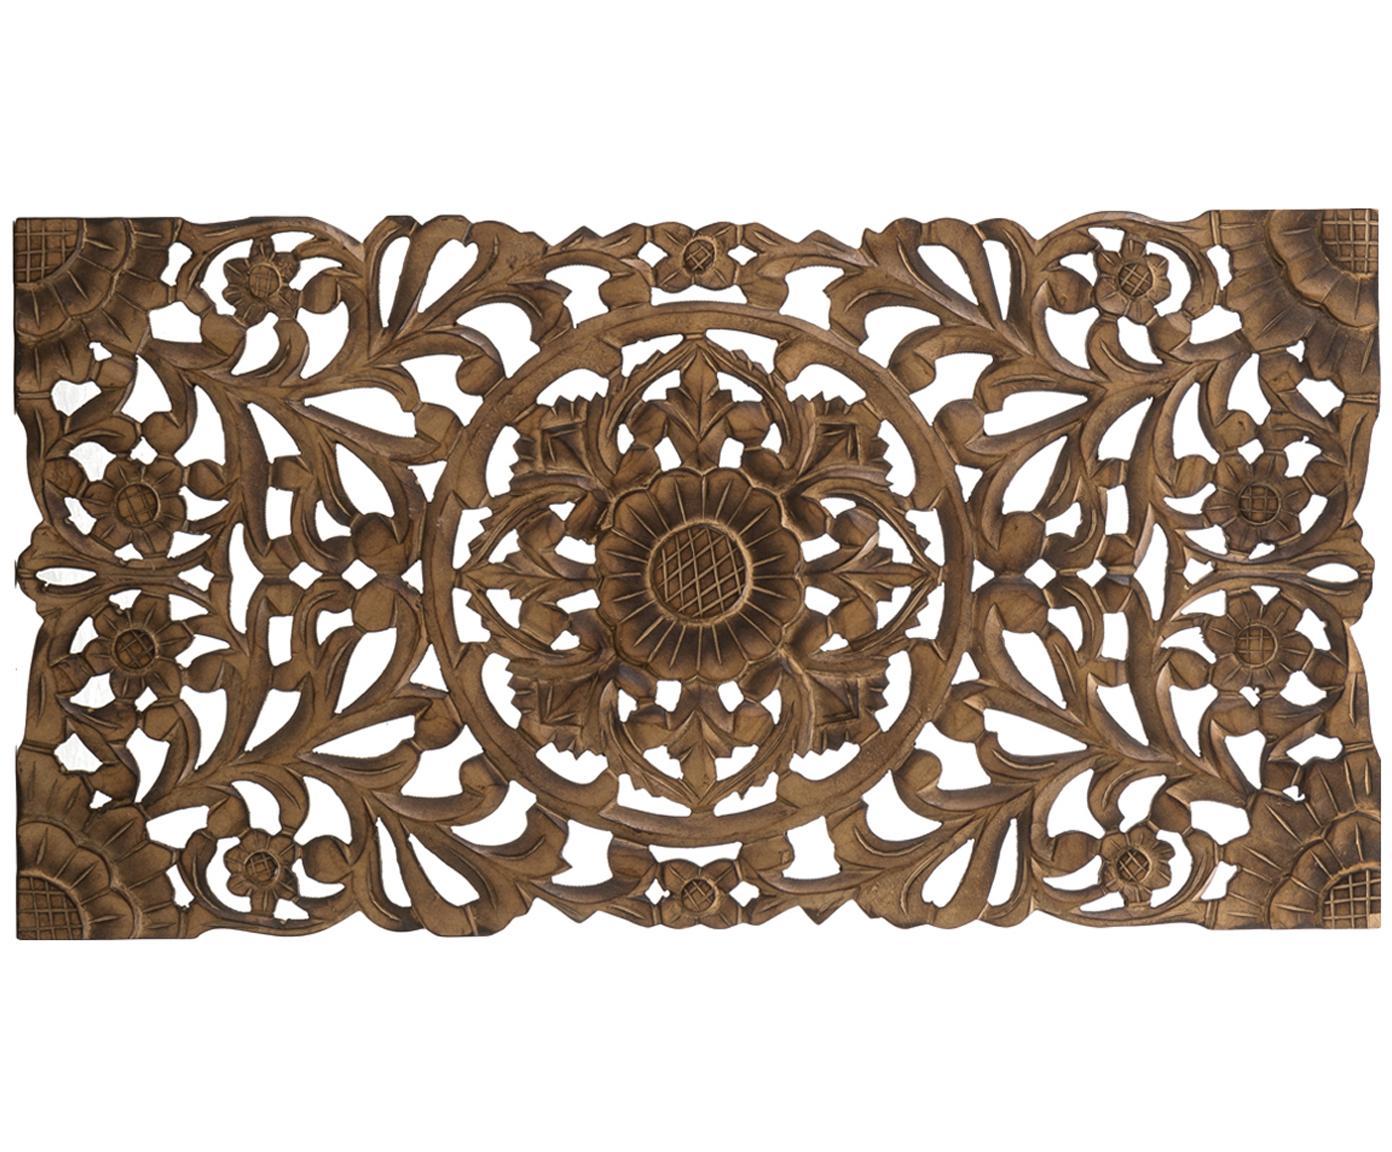 Handgemaakt decoratief wandobject Samira met antieke finish, MDF, Bruin met antieke afwerking, 85 x 45 cm